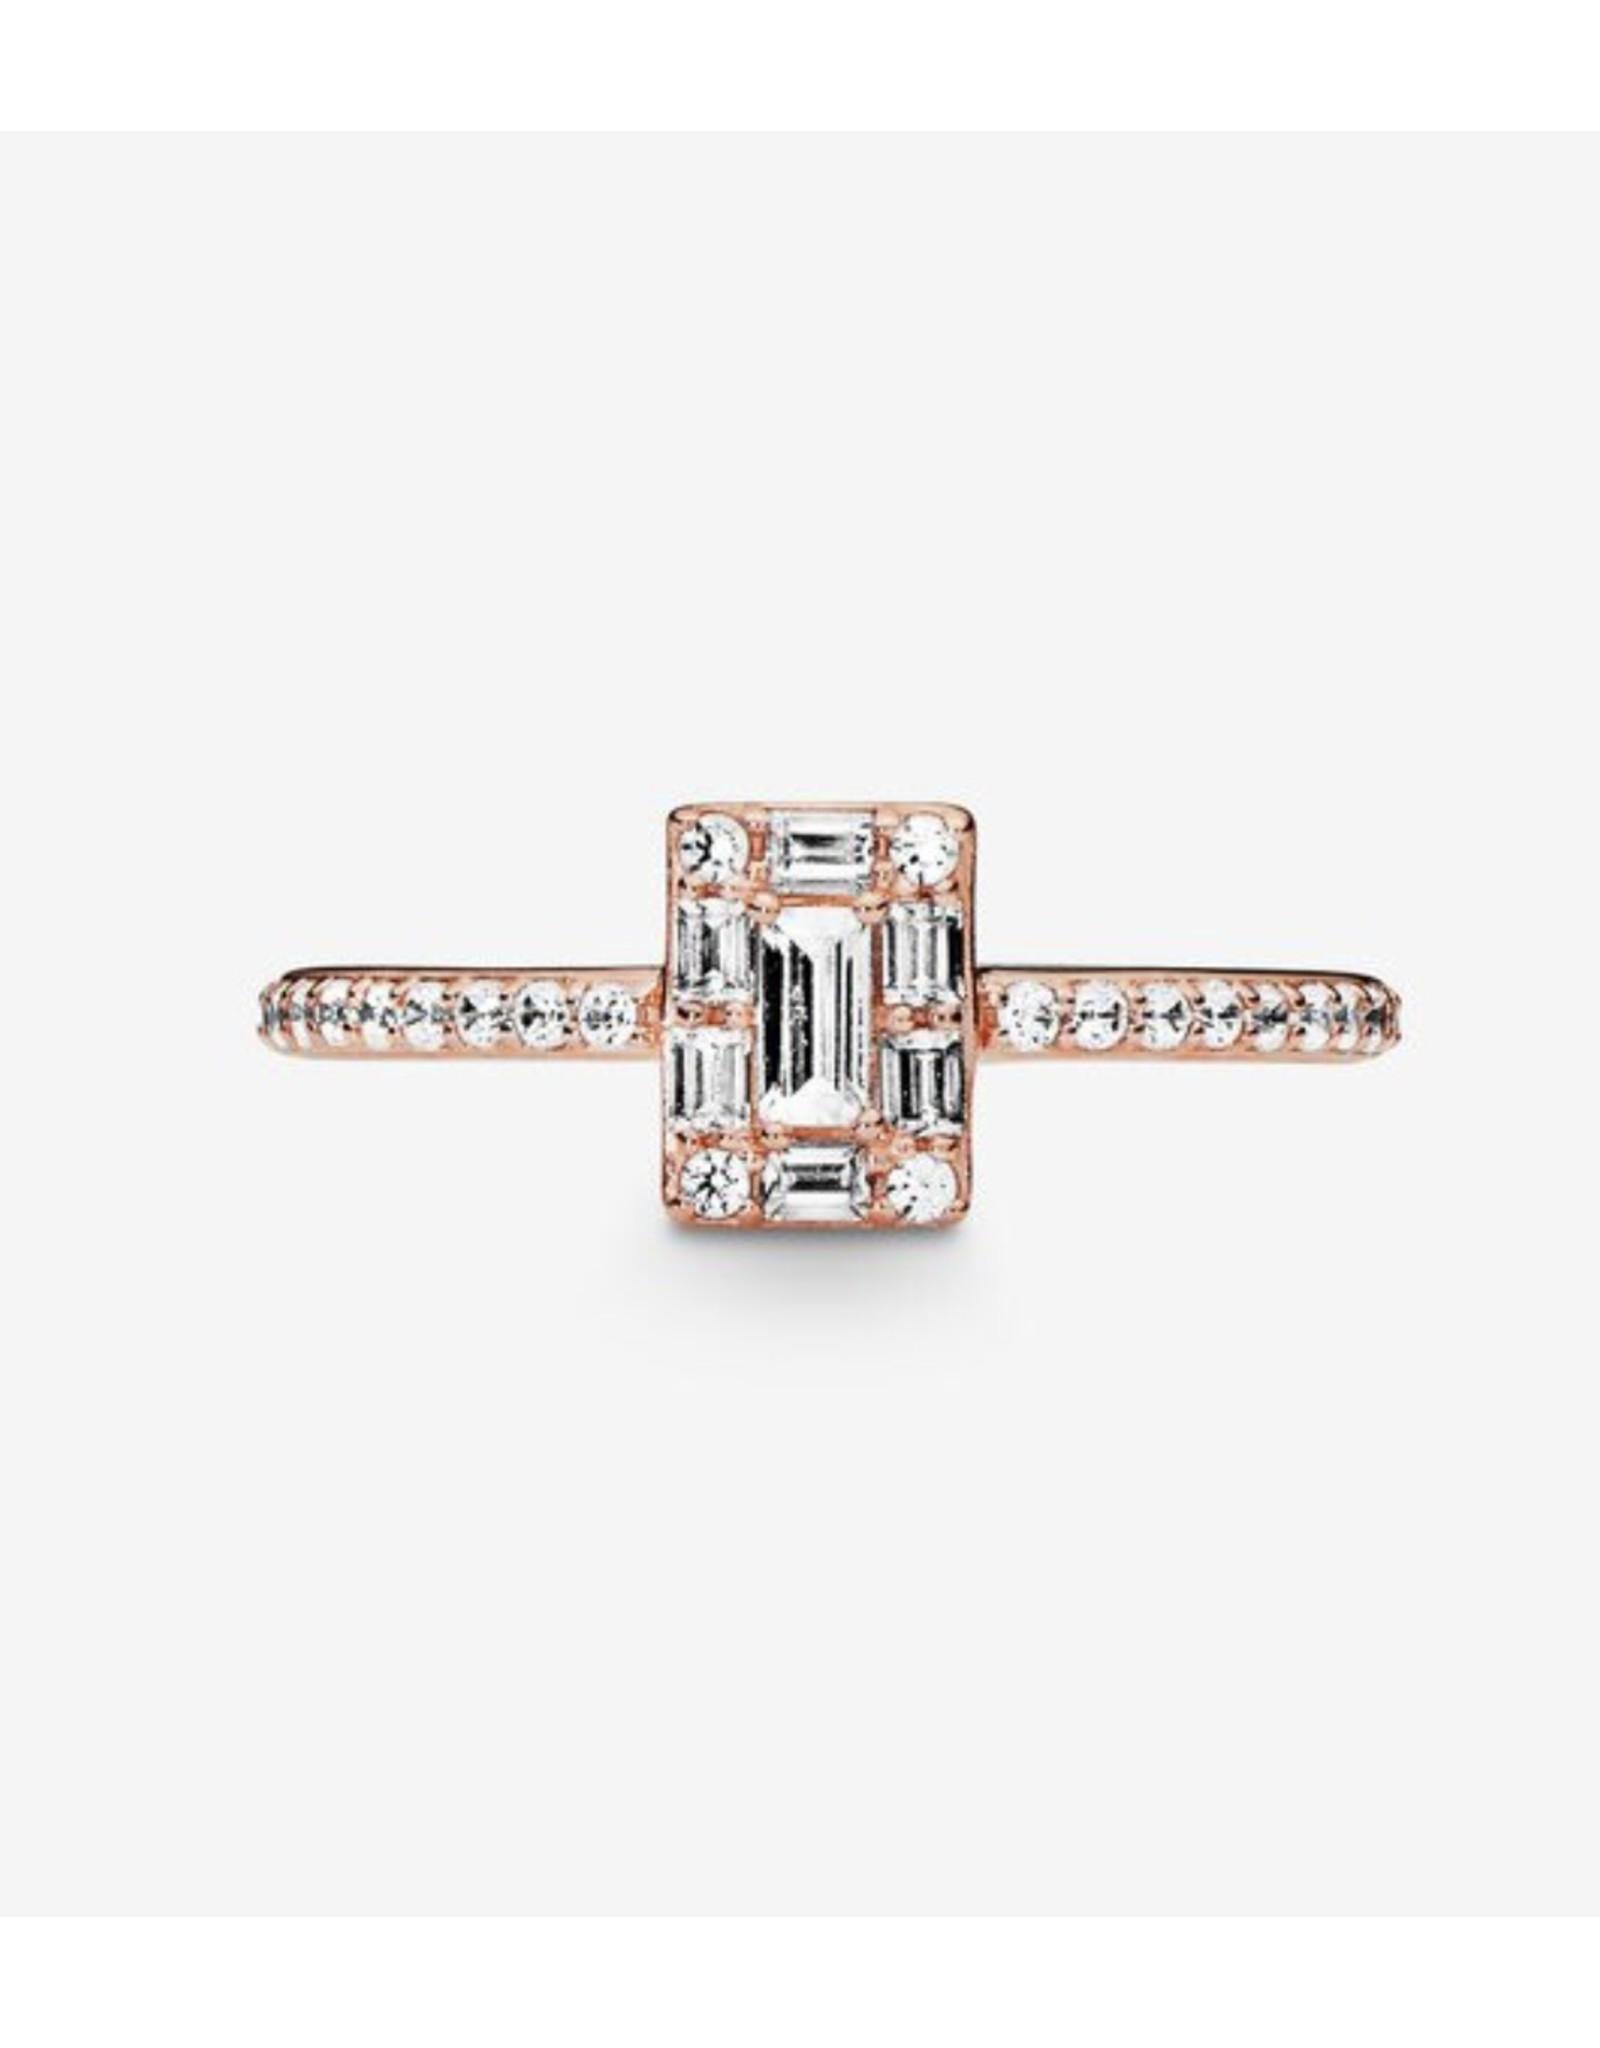 Pandora Pandora Ring, (187541CZ) Rose Gold, Luminous Ice, Clear CZ